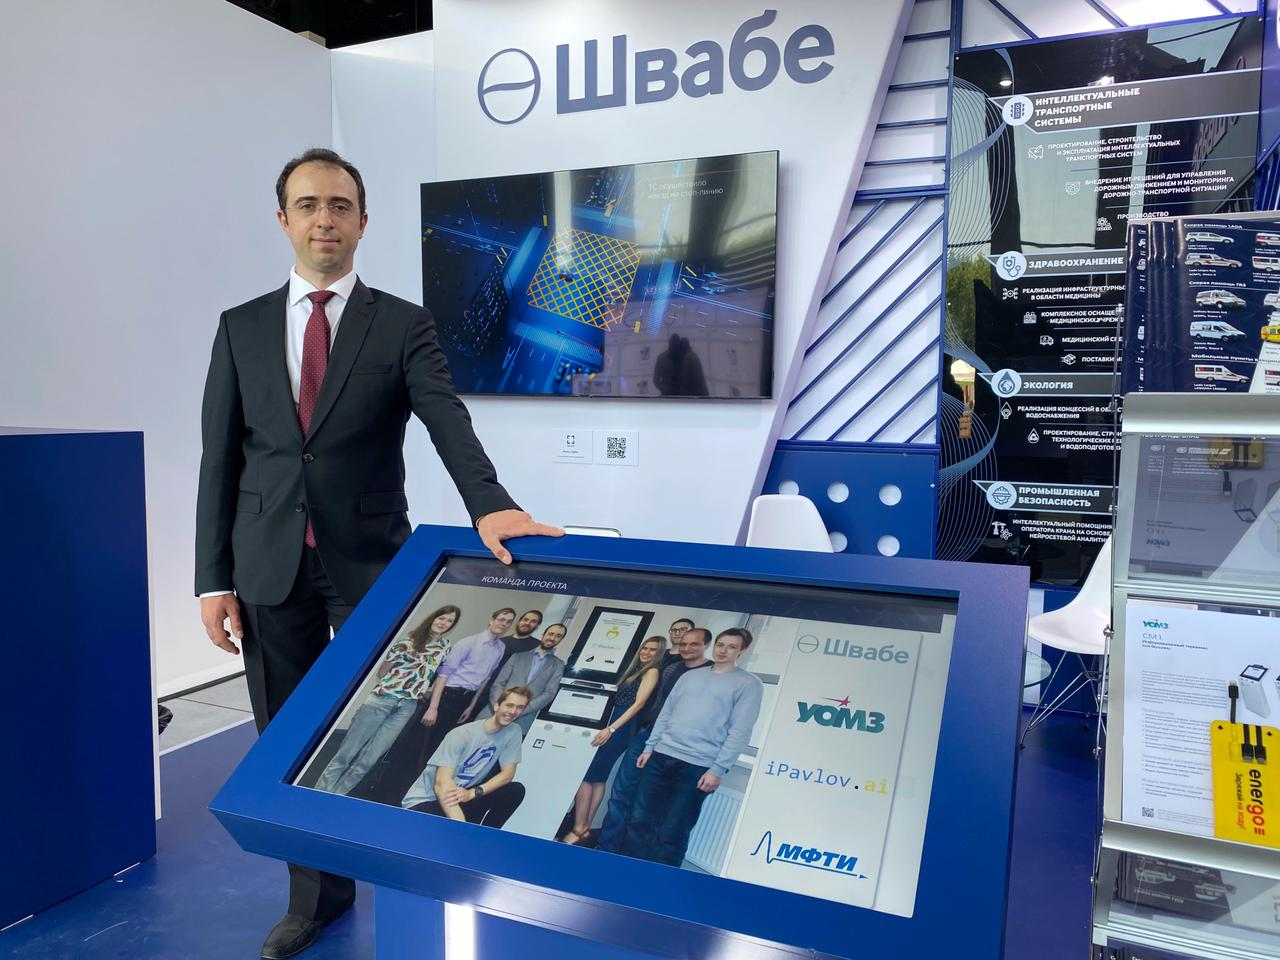 Фотография генерального директора инновационной ИИ-компании iPavlov Лорана Акопяна с автоматизированным ИИ-терминалом управления потоками пациентов на ЦИПР 2021